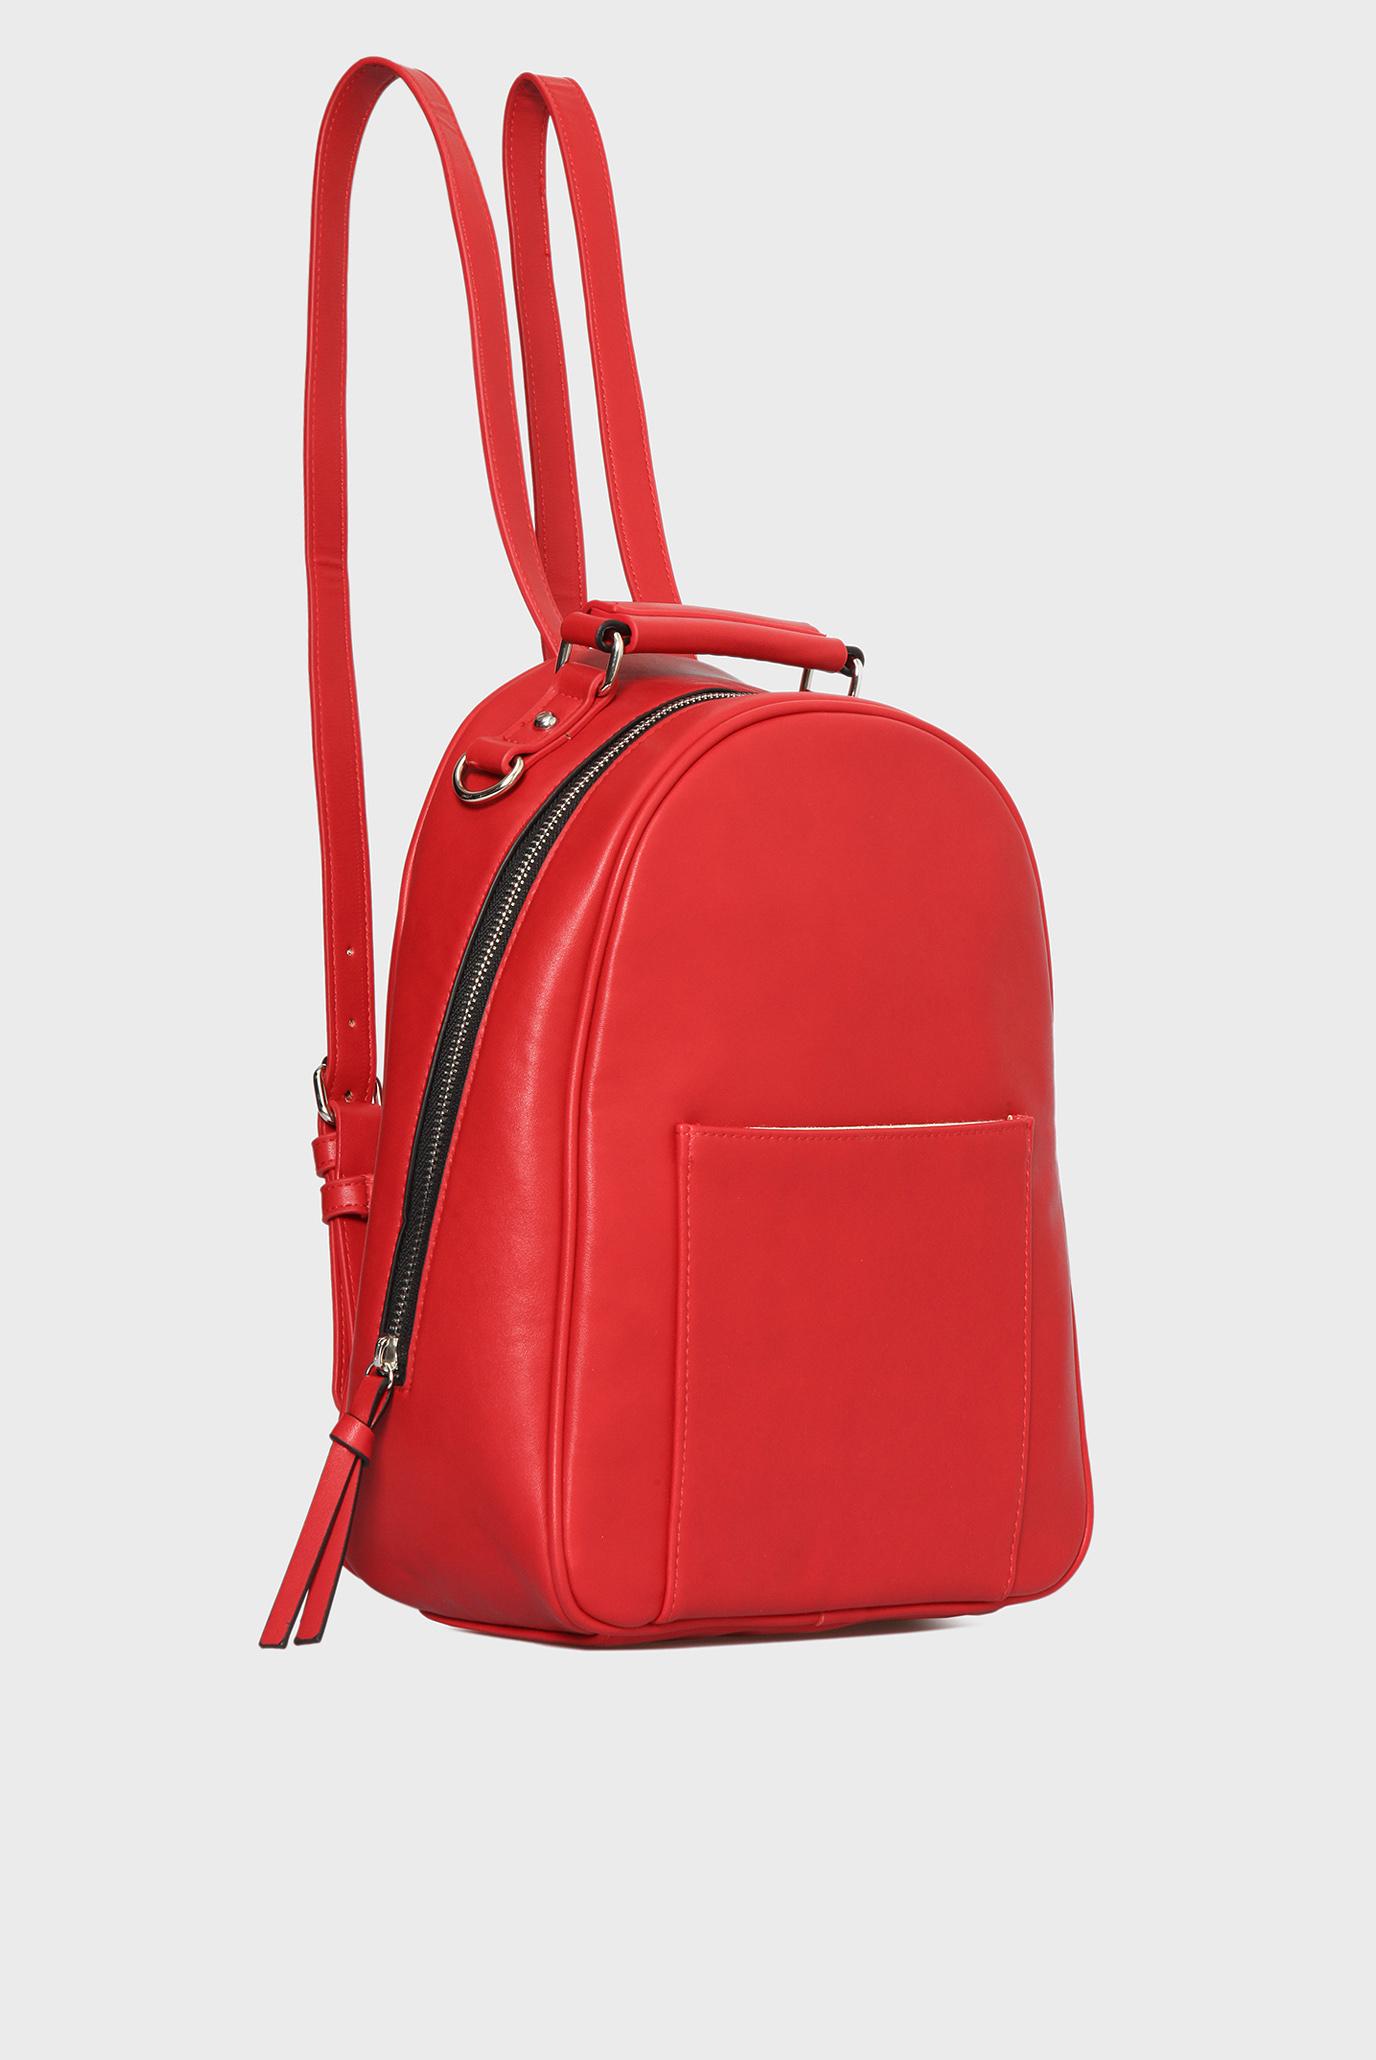 616aab2650a3 Купить Женский красный рюкзак Pepe Jeans Pepe Jeans PL030752 – Киев,  Украина. Цены в интернет магазине MD Fashion